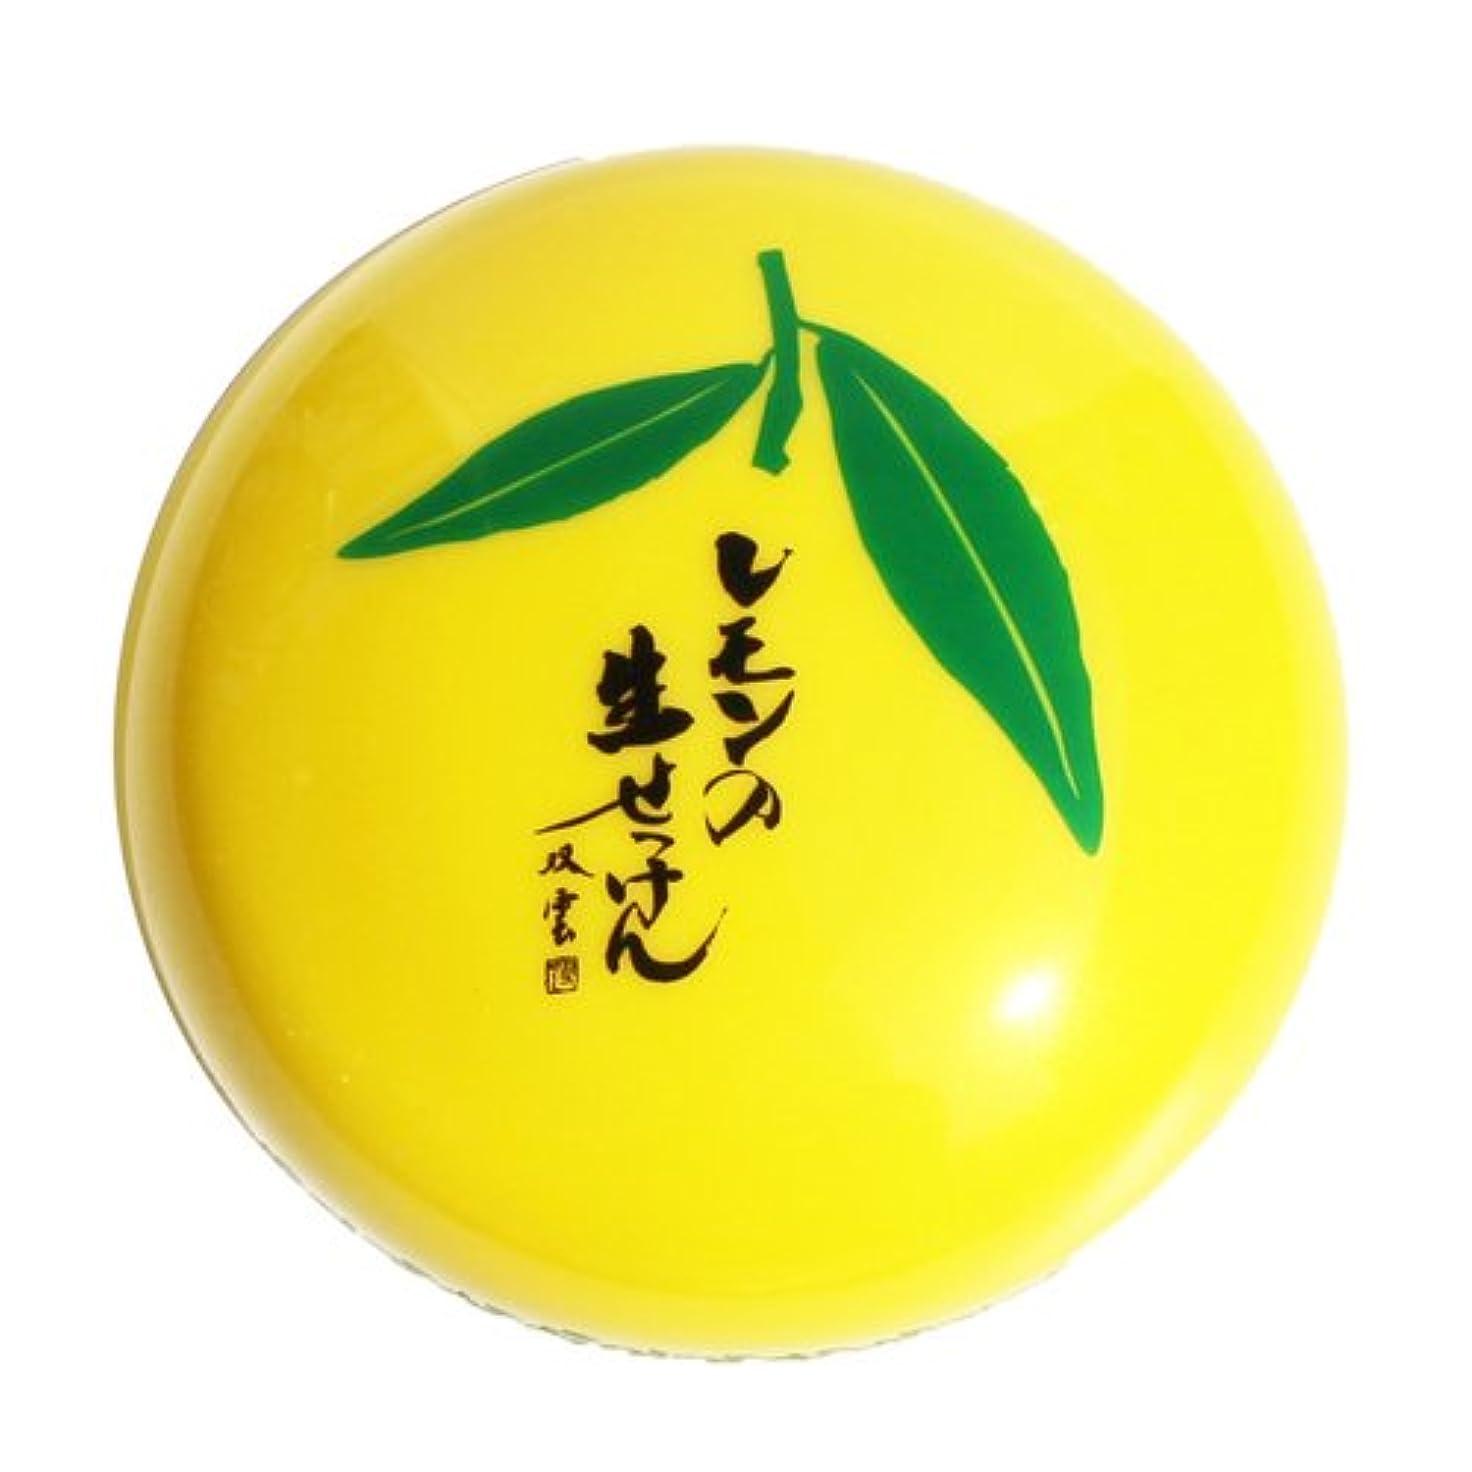 リア王読む観光美香柑 レモンの生せっけん 120g